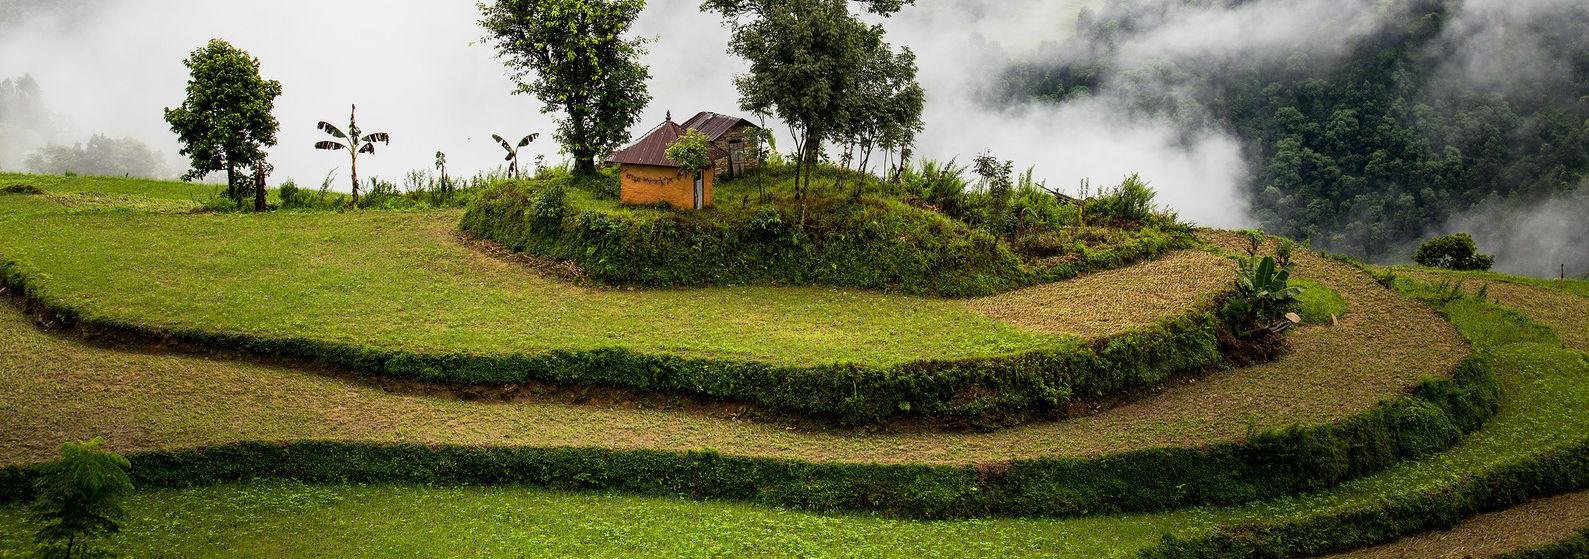 Village of Nalma, Nepal.